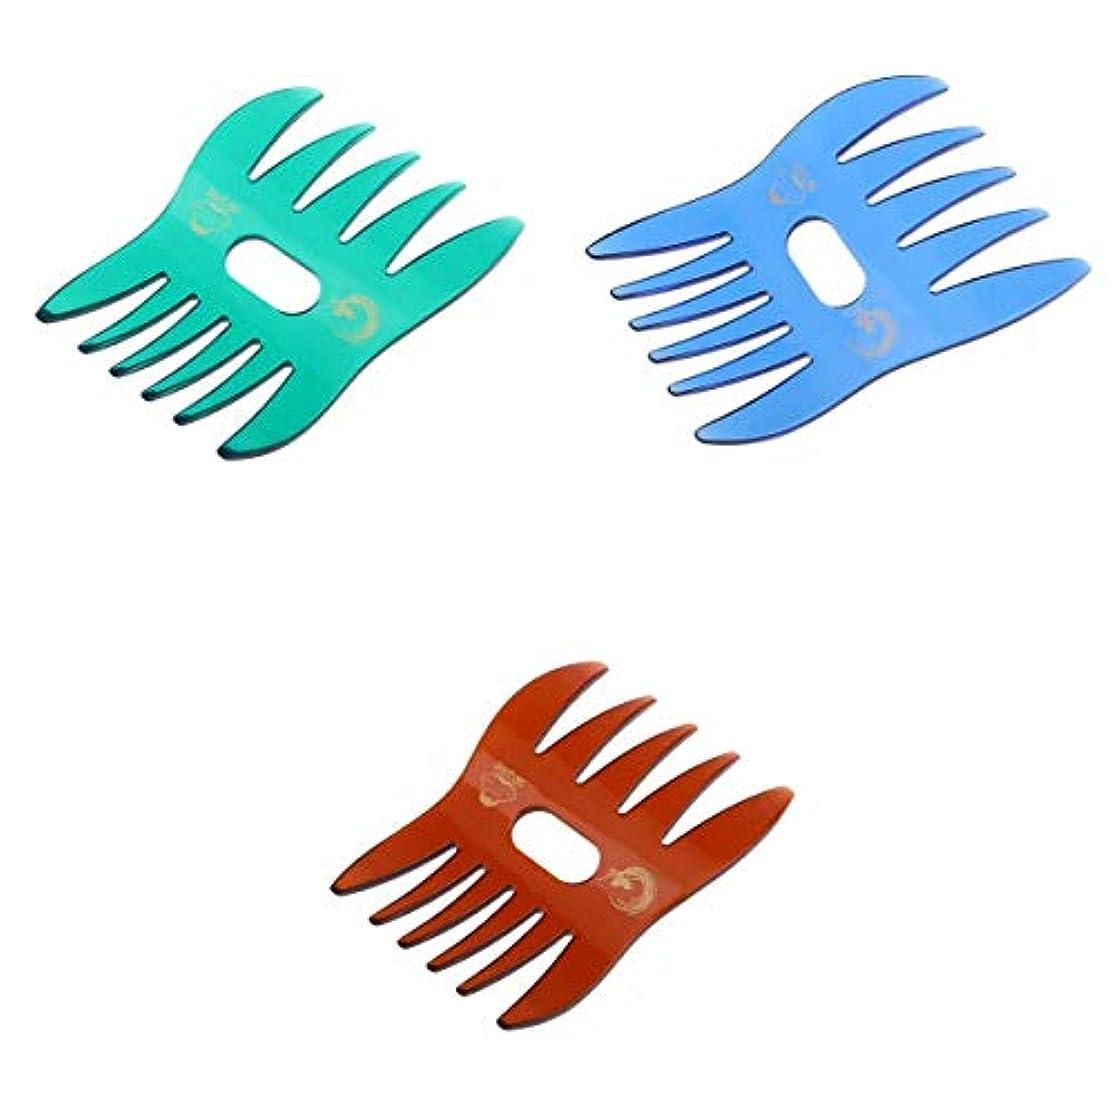 巨大なアーティキュレーション慢性的T TOOYFUL 櫛 ヘアコーム コーム ヘア櫛 静電気防止 粗歯 頭皮マッサージ オイルヘアスタイル